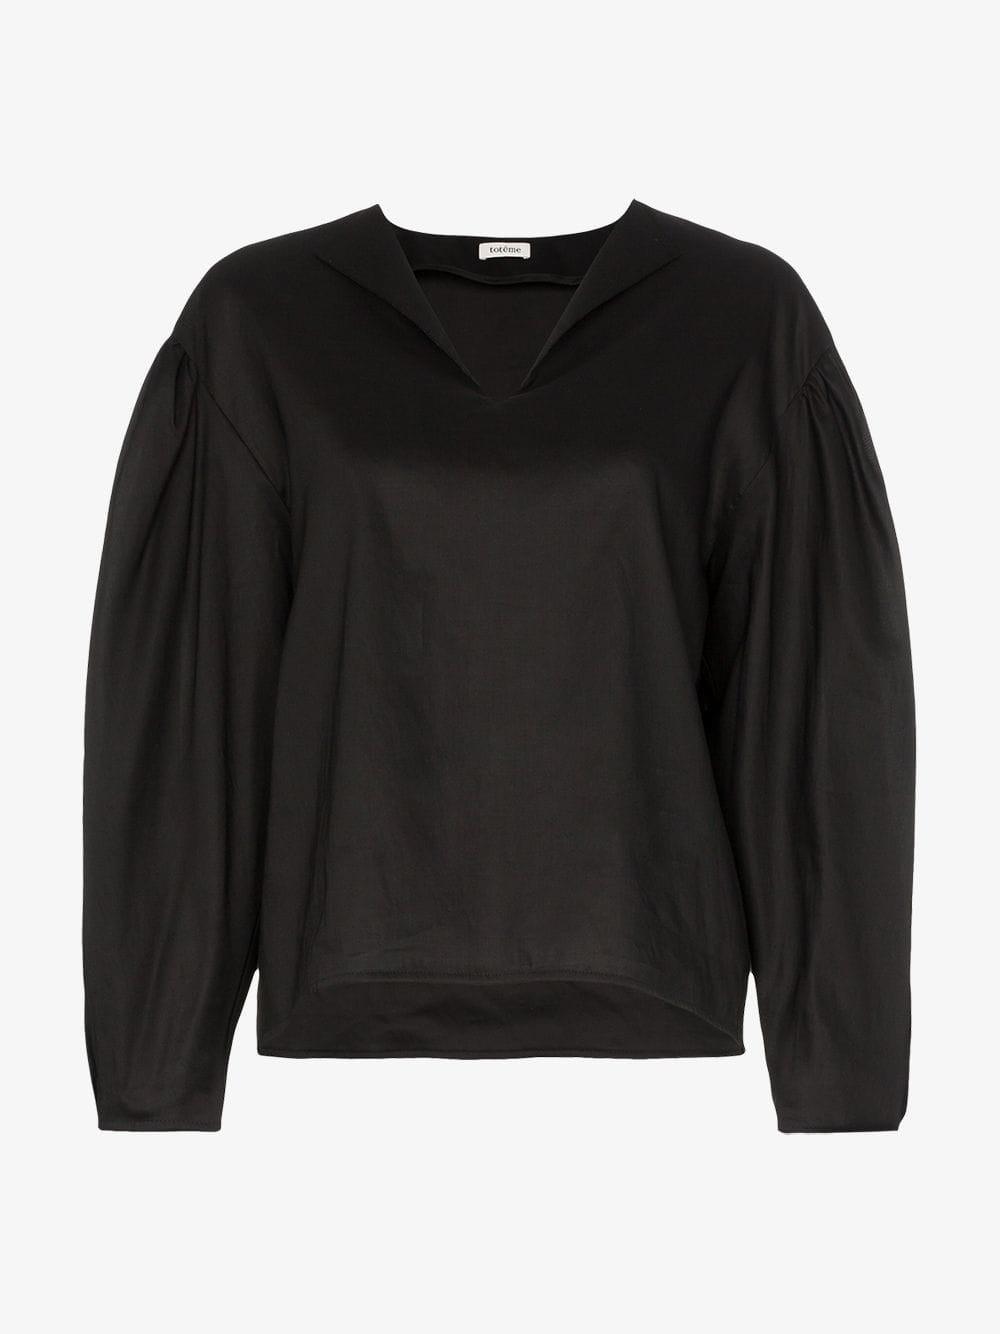 Toteme V-neck oversized shirt in black